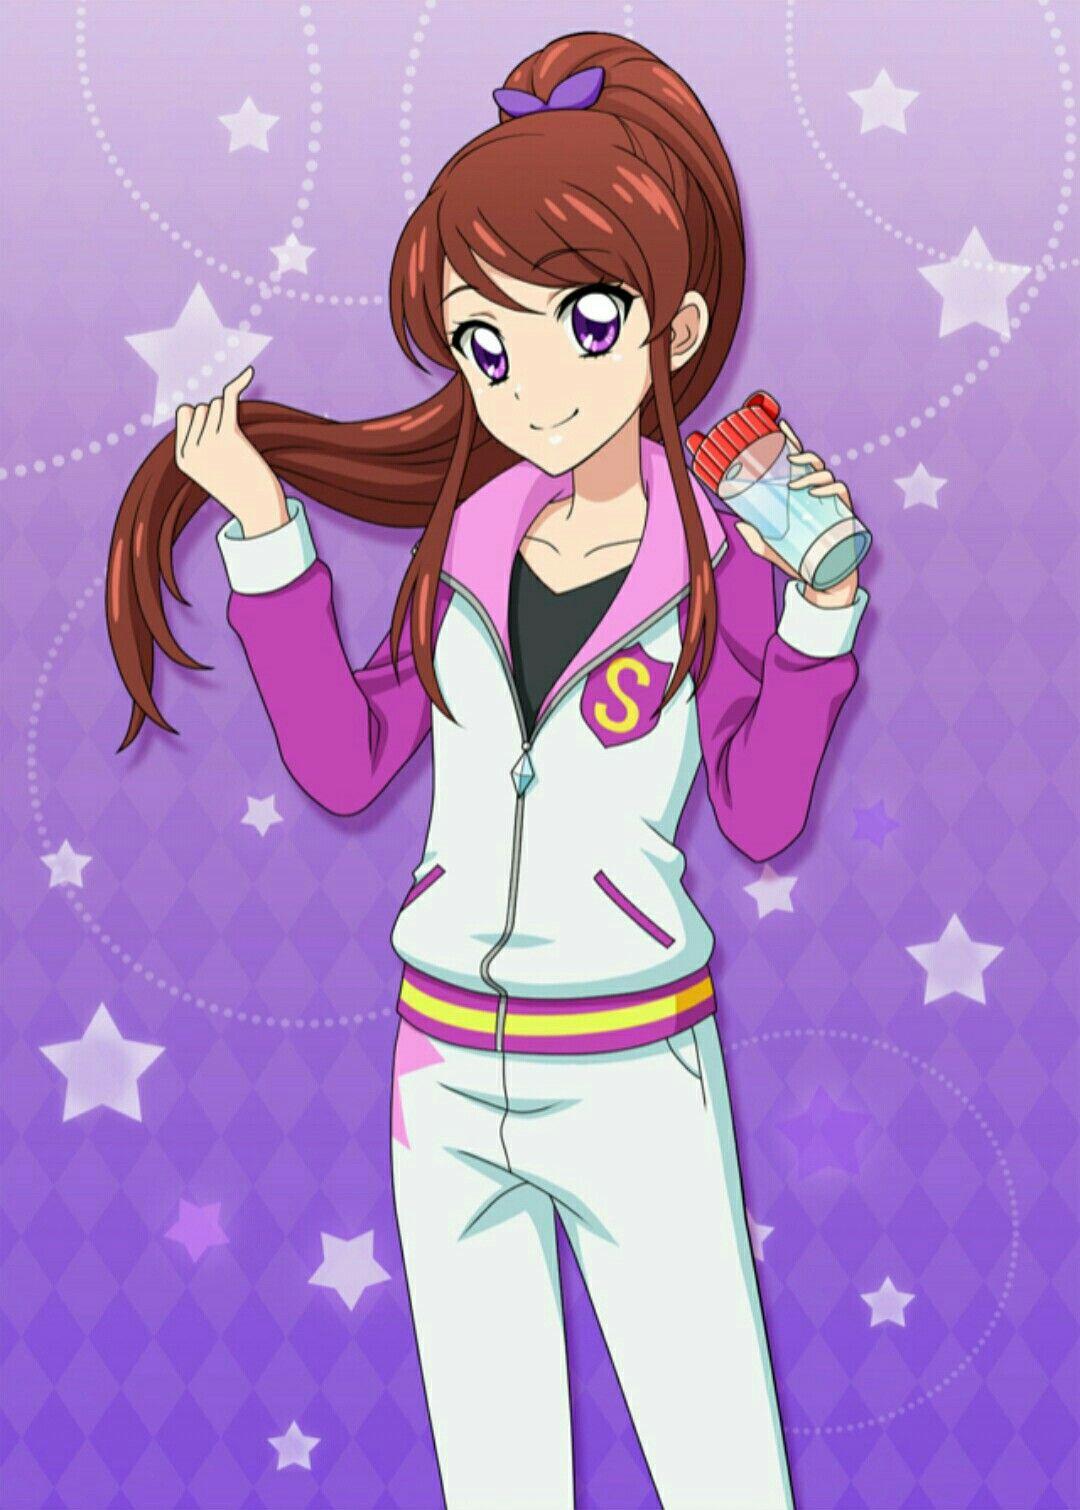 Ran R5 (Có hình ảnh) Anime, Hình ảnh, Phim hoạt hình